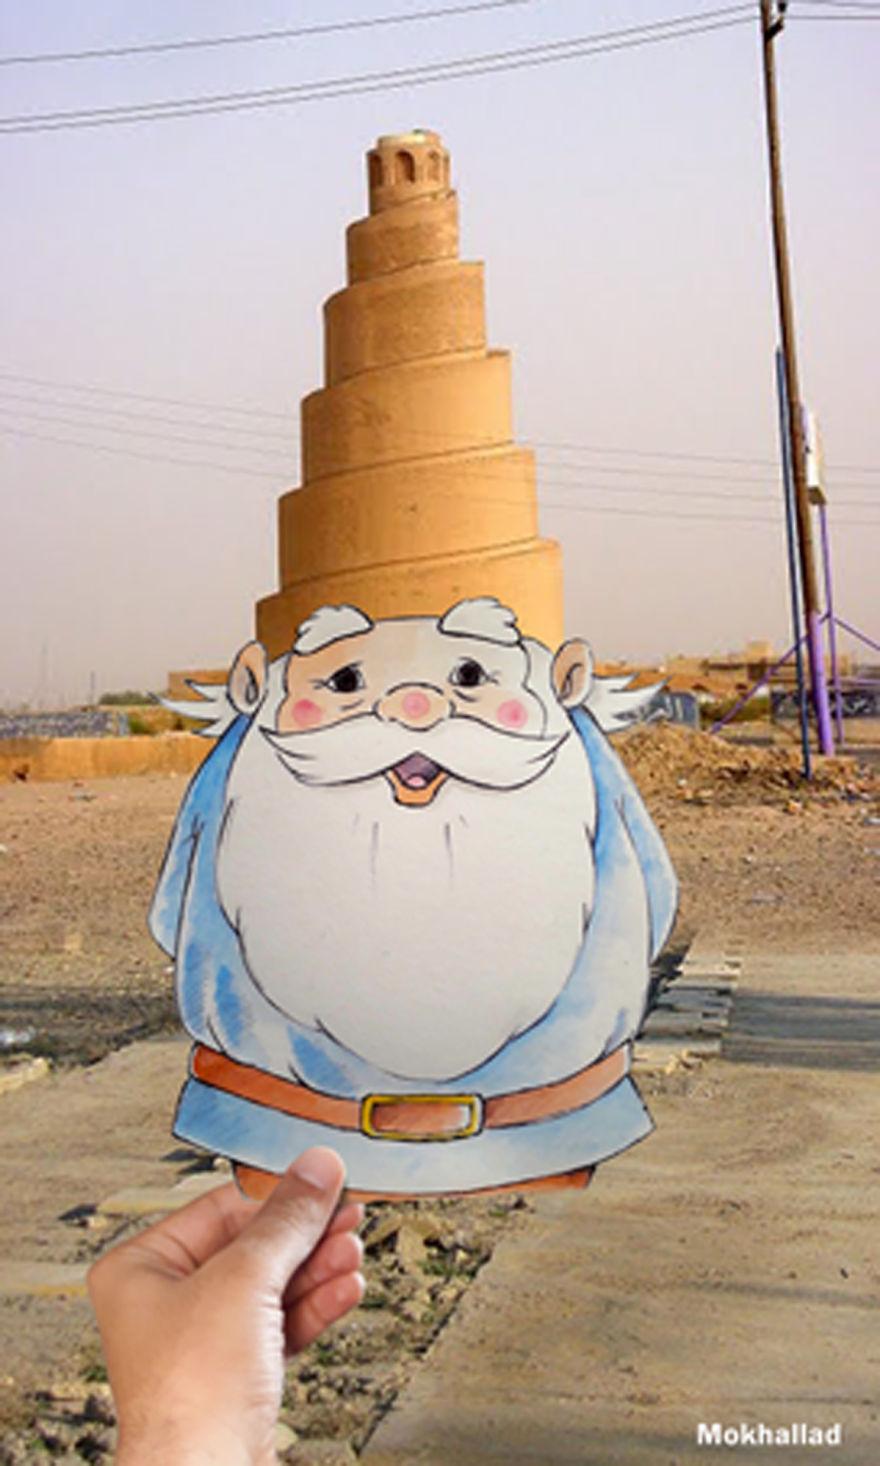 Iraqi-gnome-david-5af198f19d9e5-png__880